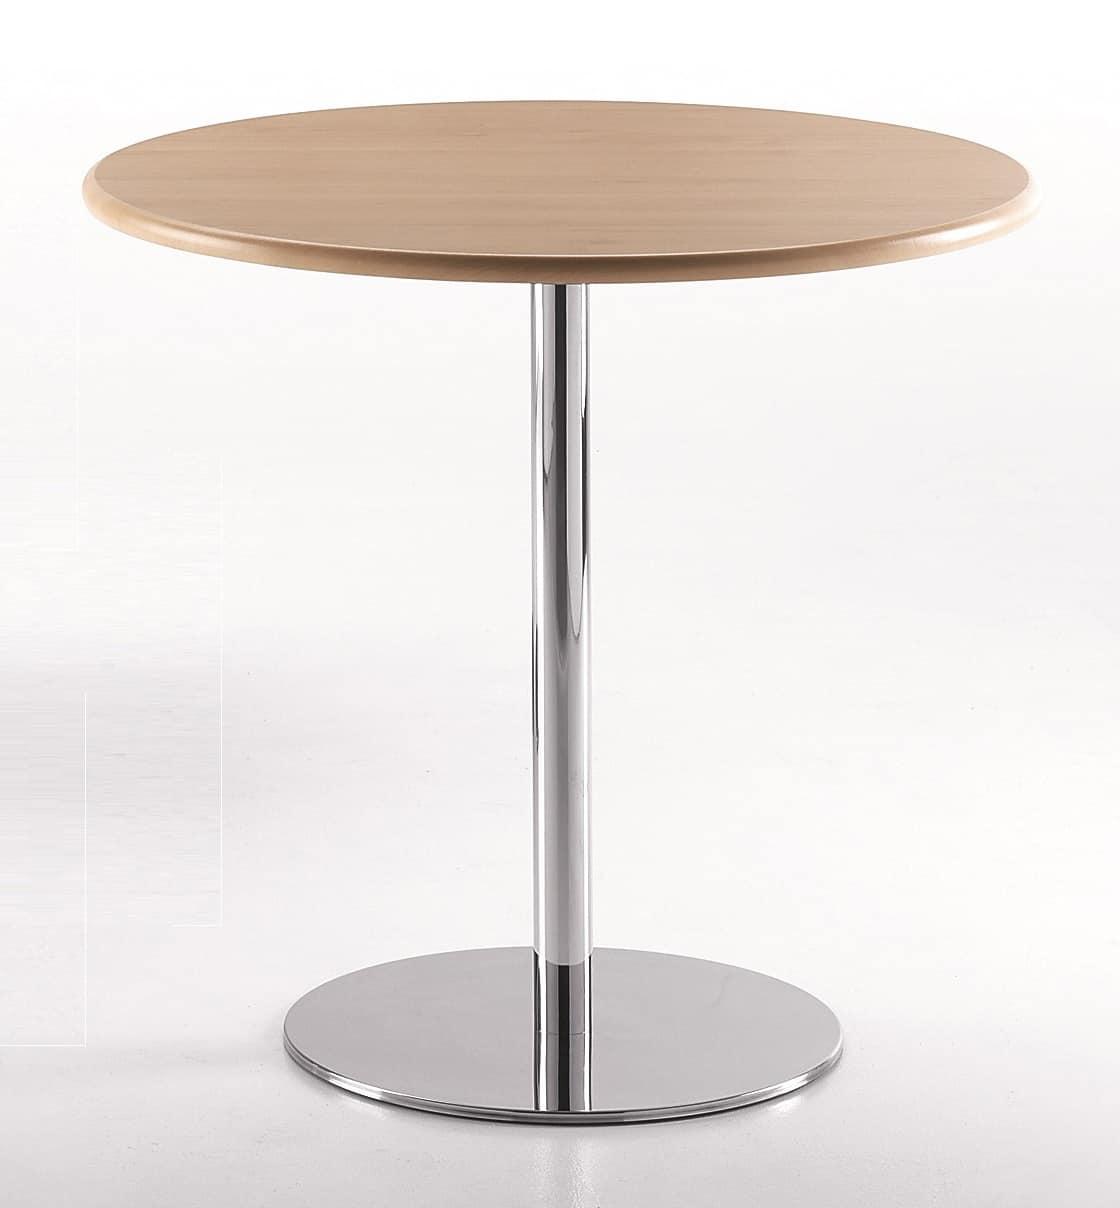 Tavolo rotondo con base in metallo cromato idfdesign for Tavolo rotondo barocco